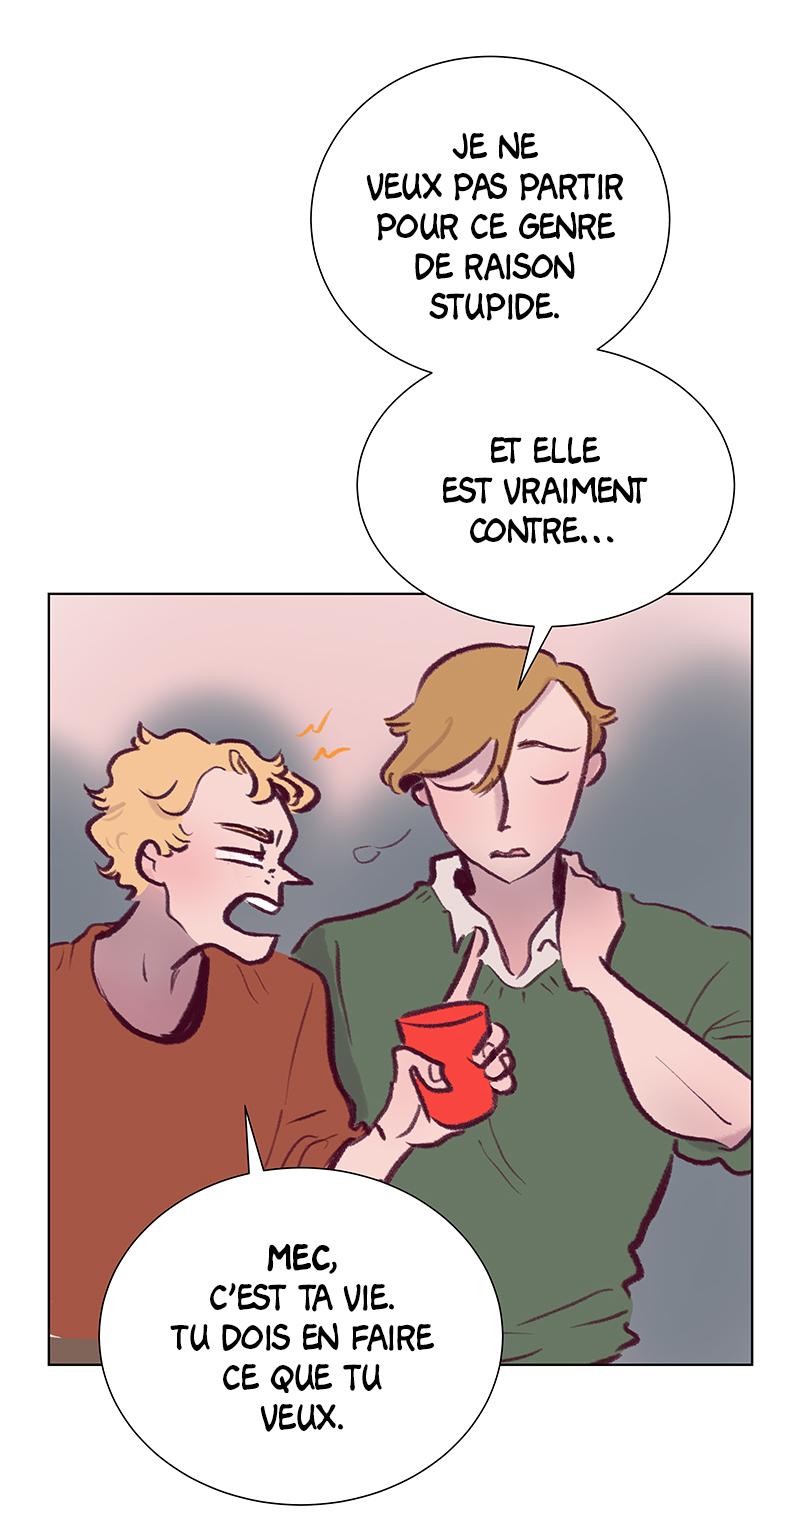 Webtoon Edith en français